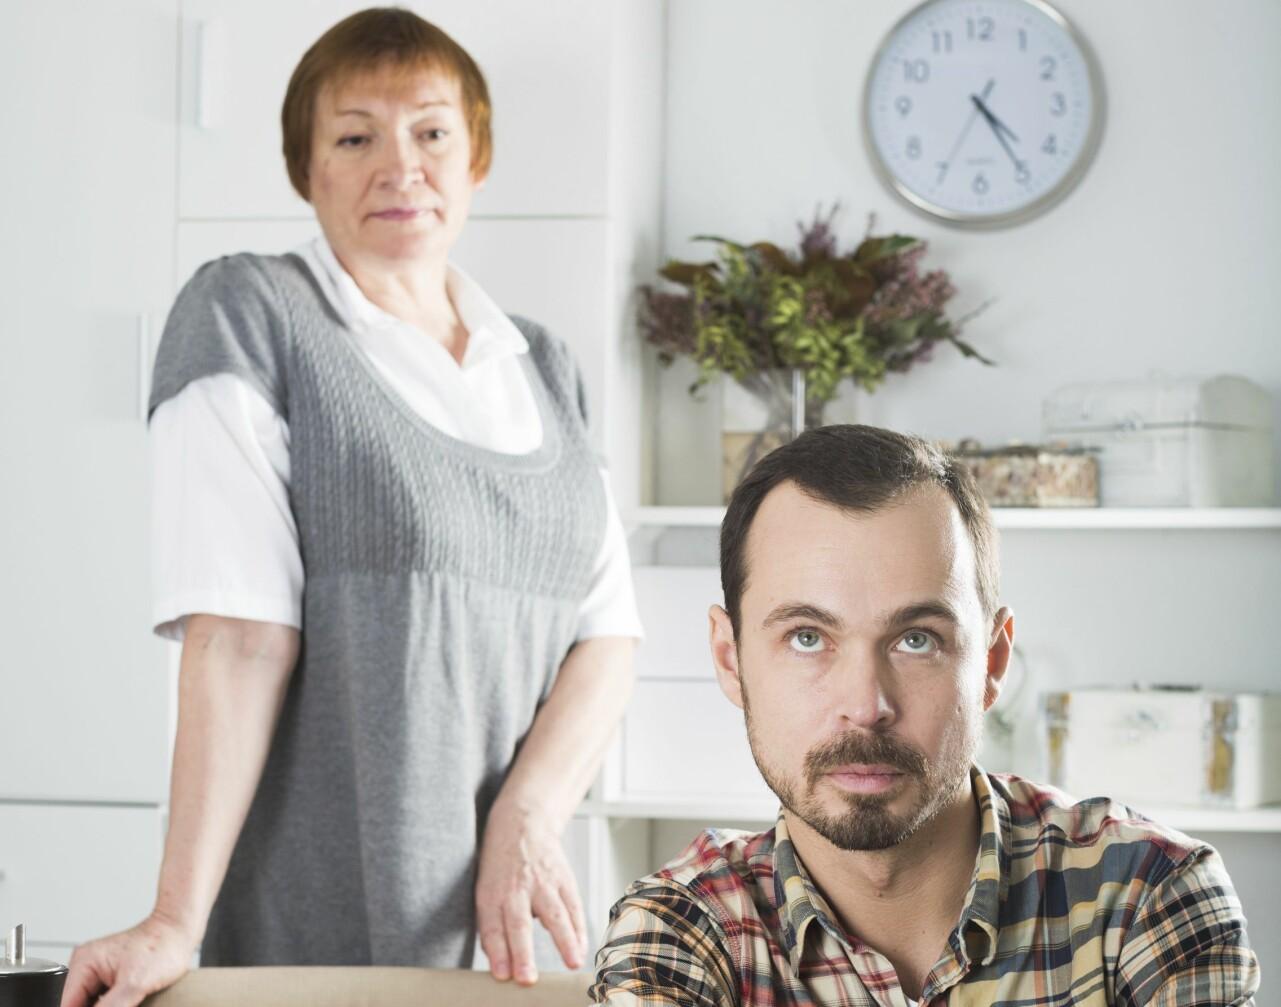 Man sitter vid ett bord och himla mer ögonen åt sin mamma som står bakom honom.